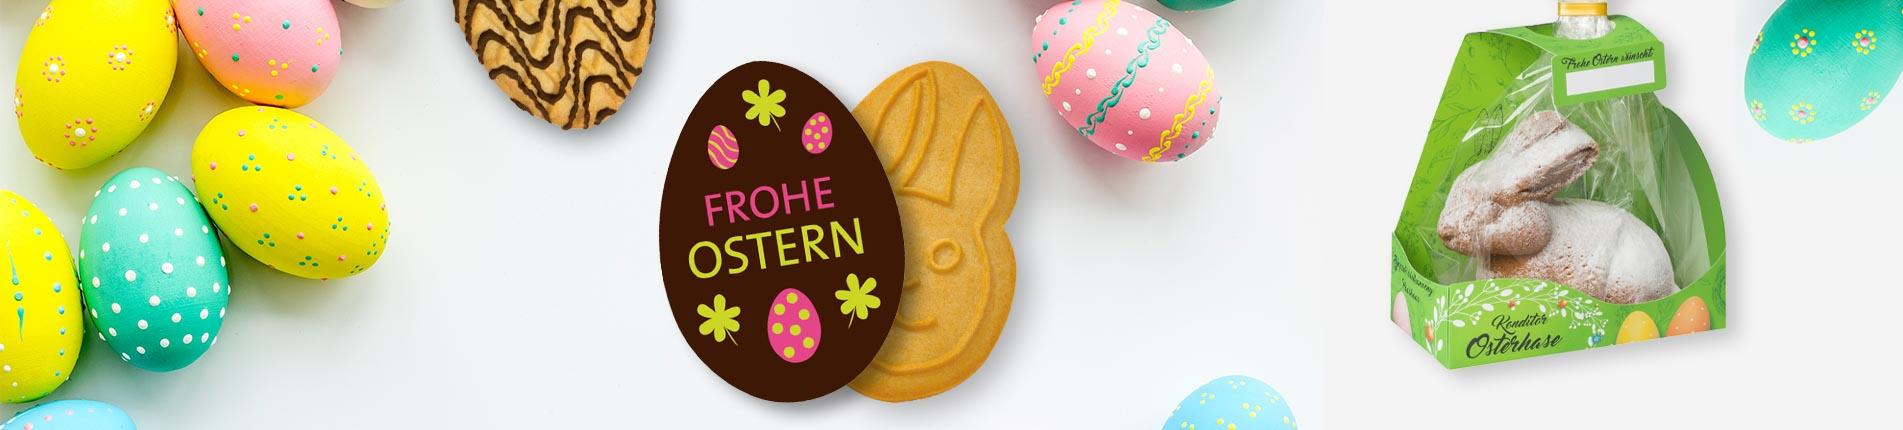 Schokoladen-Mischbeutel und -Figuren